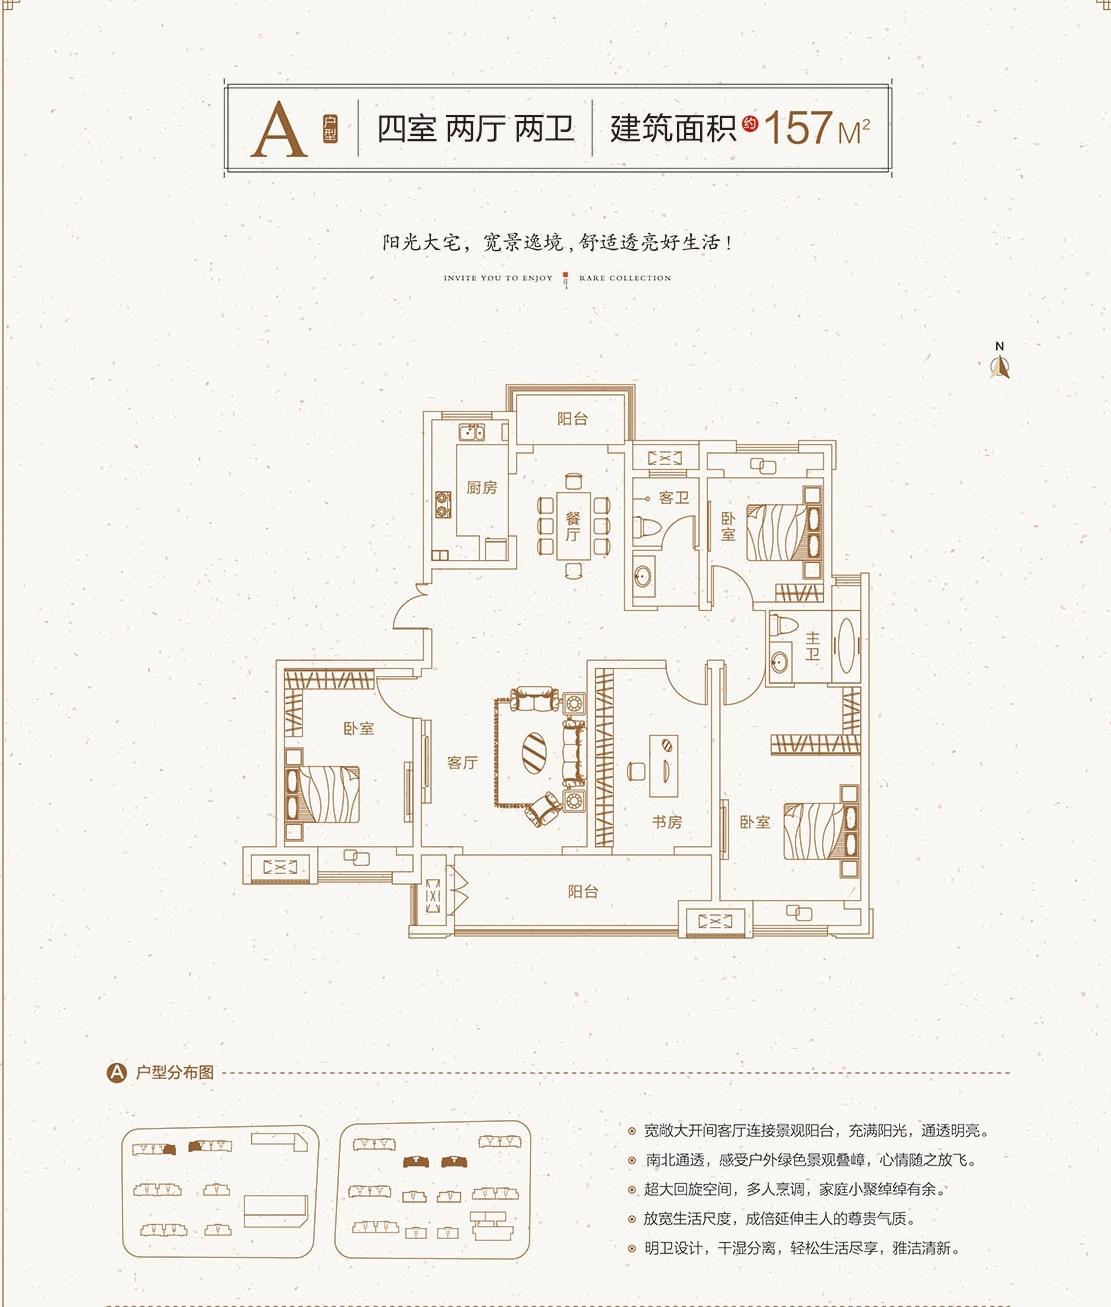 新盛上和园A户型157㎡四室两厅两卫